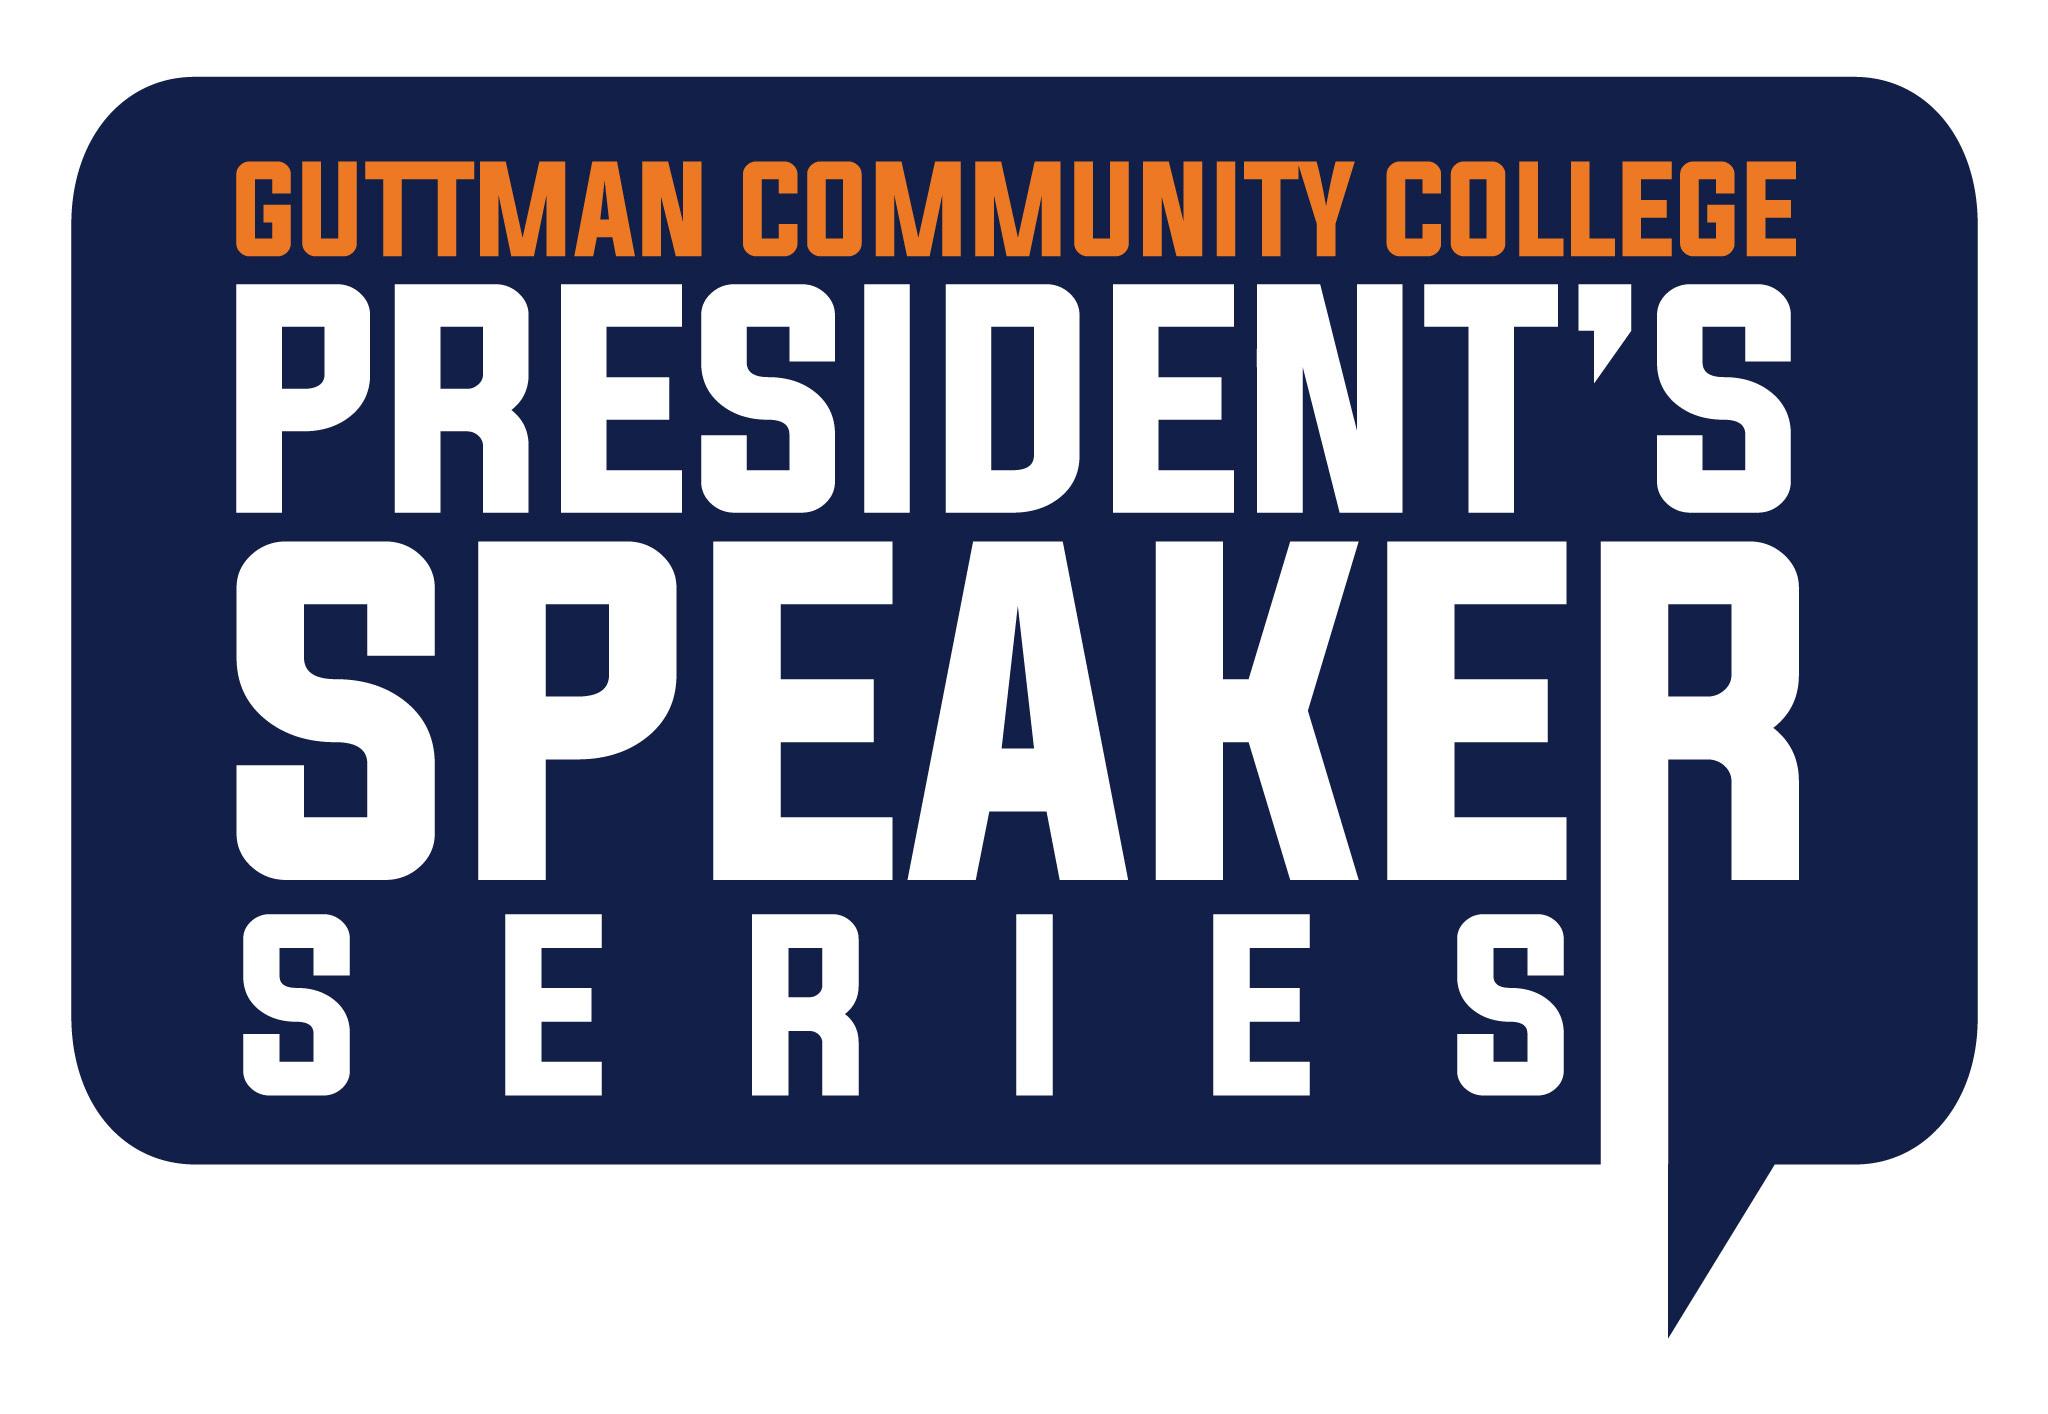 President's Speake Series logo